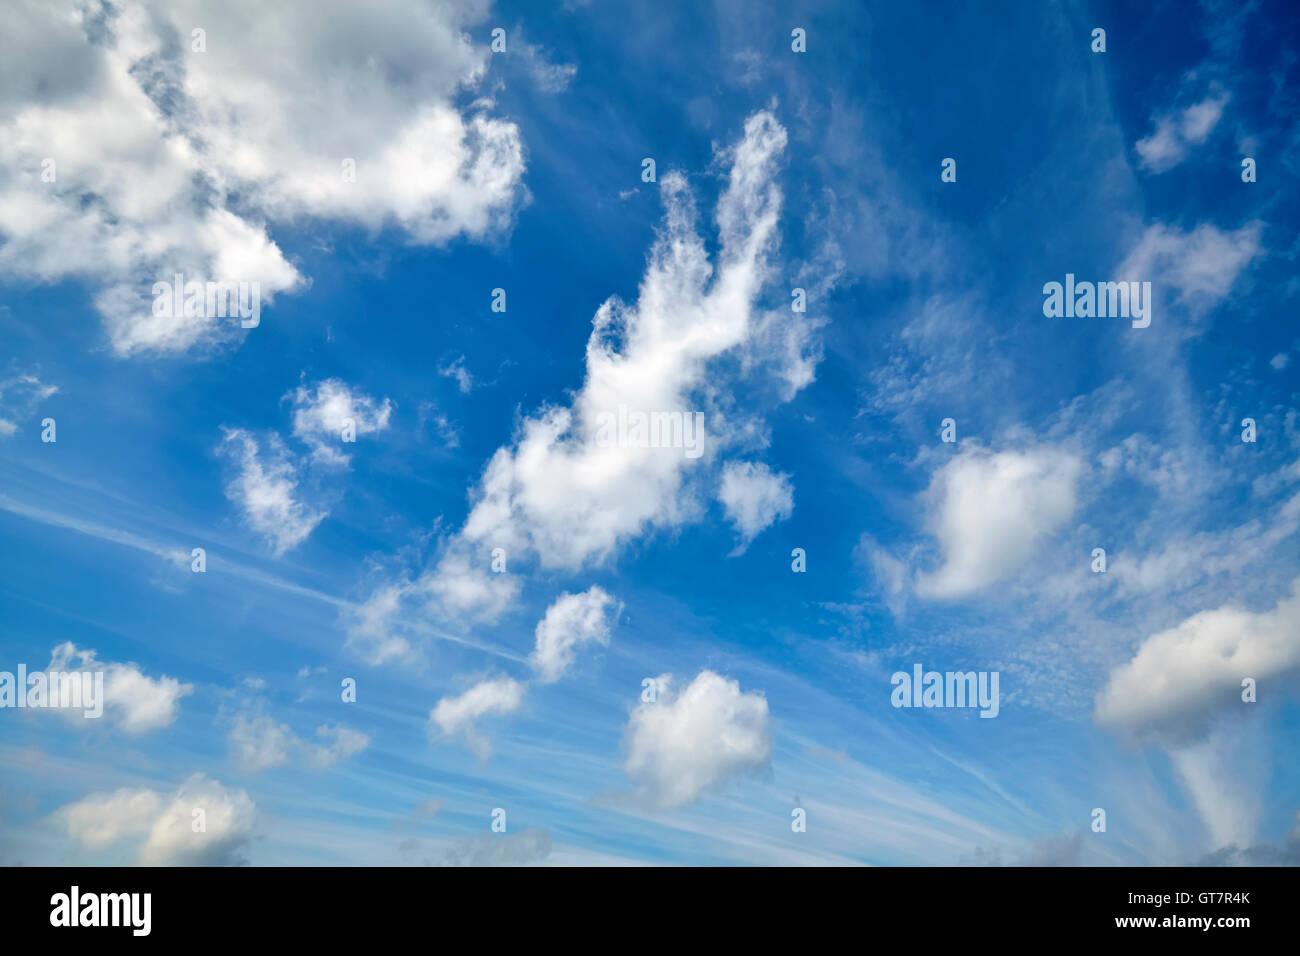 Schöne Wolkengebilde auf einem blauen Himmel. Stockbild